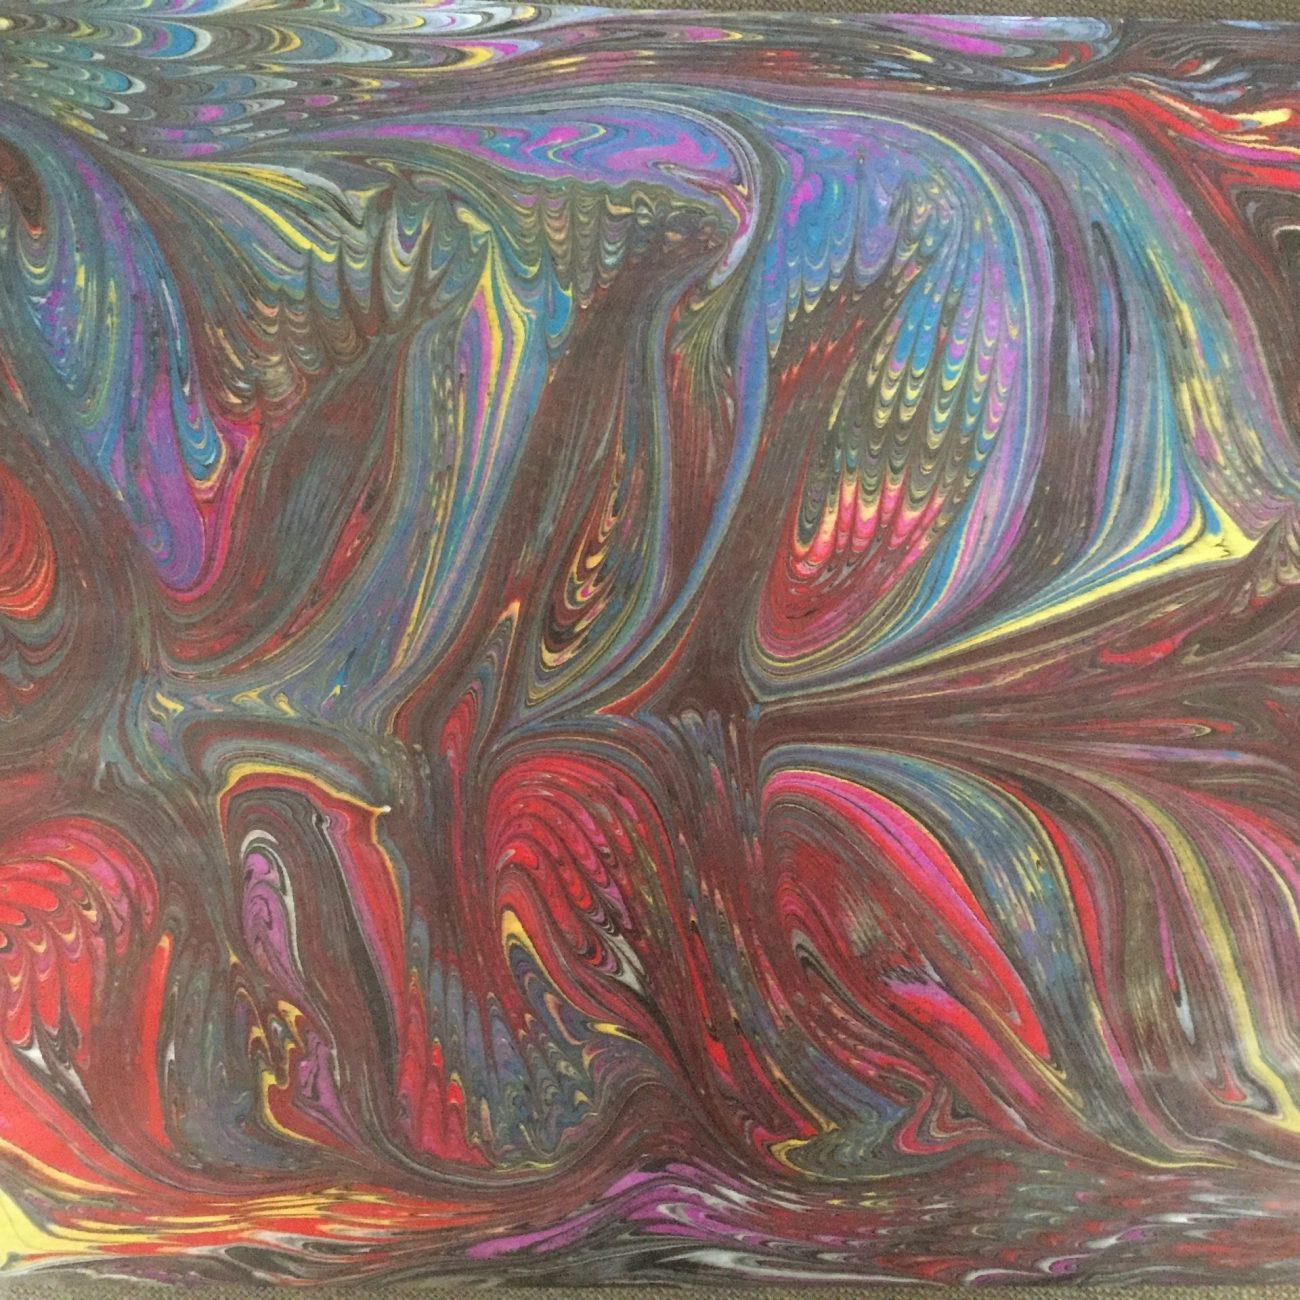 Colours allow imagination - Teknik: Ebru Tekniği Ölçü: 35 x 50 cm Fiyat : 1.770 TL